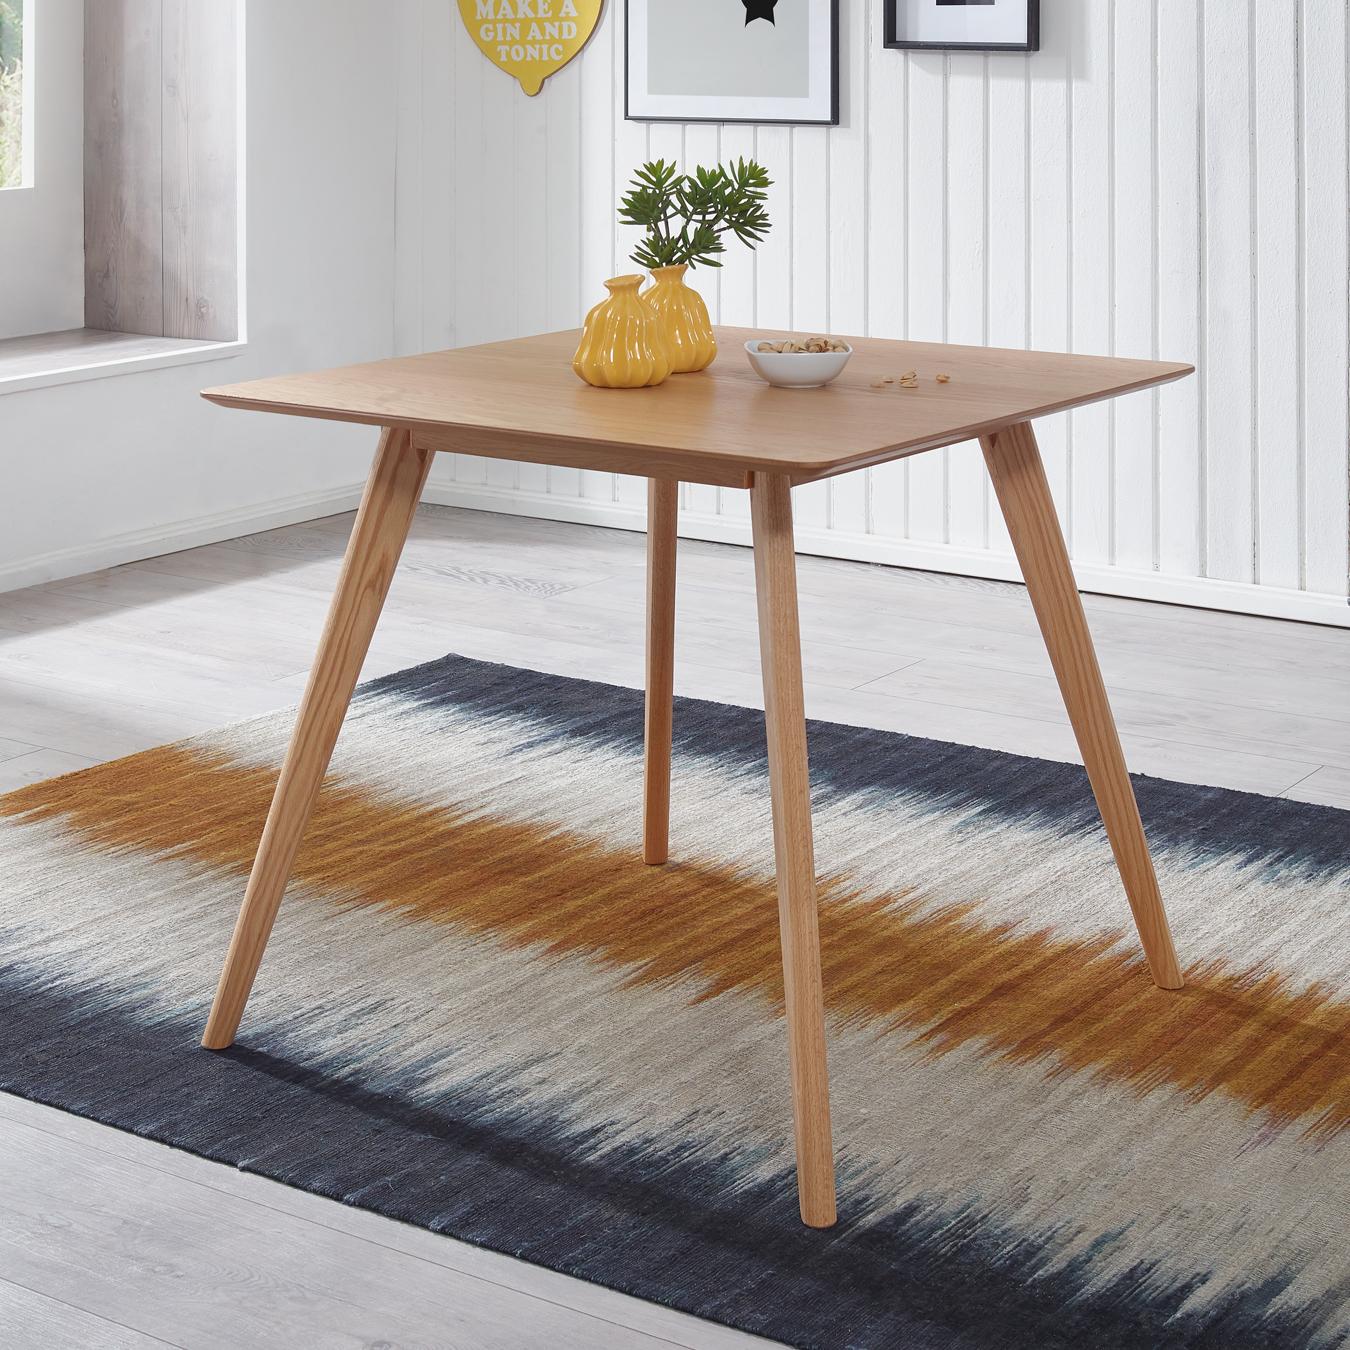 Finebuy Esszimmertisch 80 X 76 X 80 Cm Mdf Holz Eiche Esstisch Skandinavisches Design Kuchentisch Retro